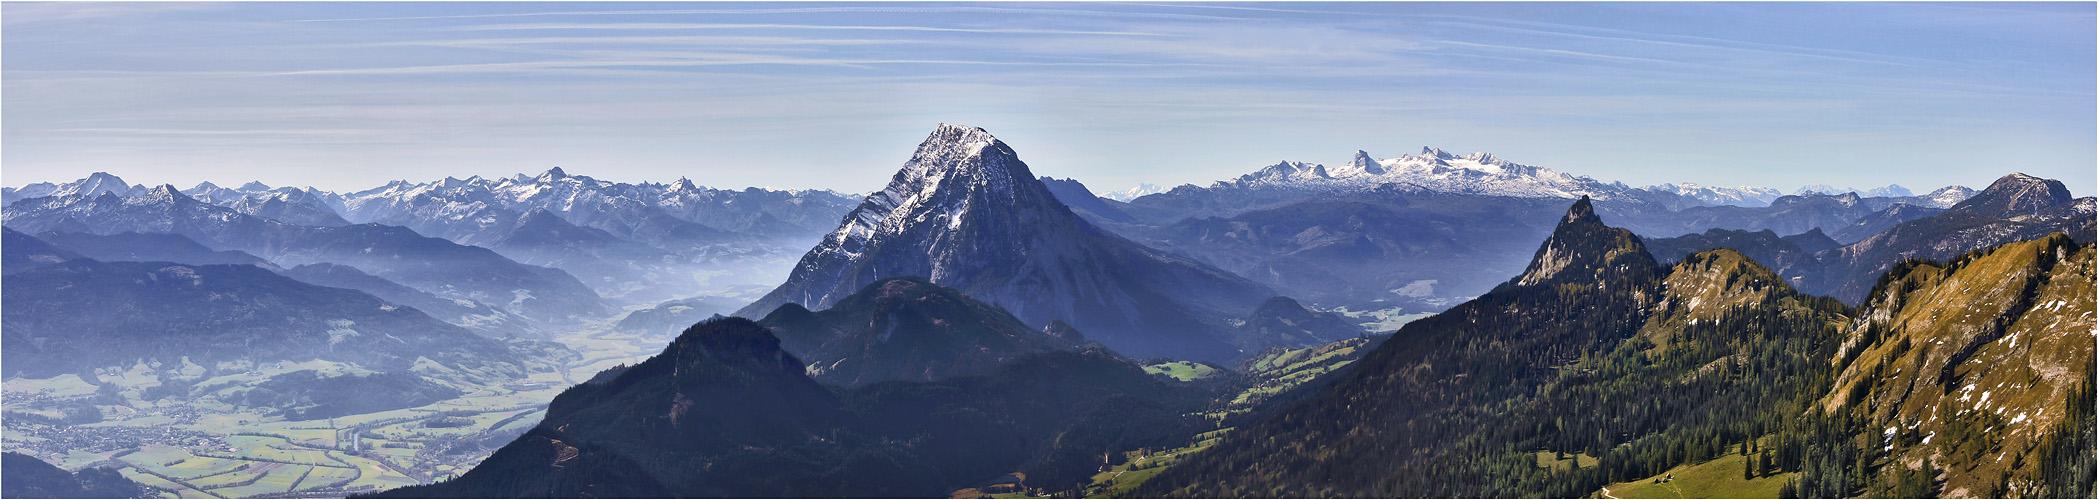 Wächter des Enns-Tales, der Große Grimming (2351m)